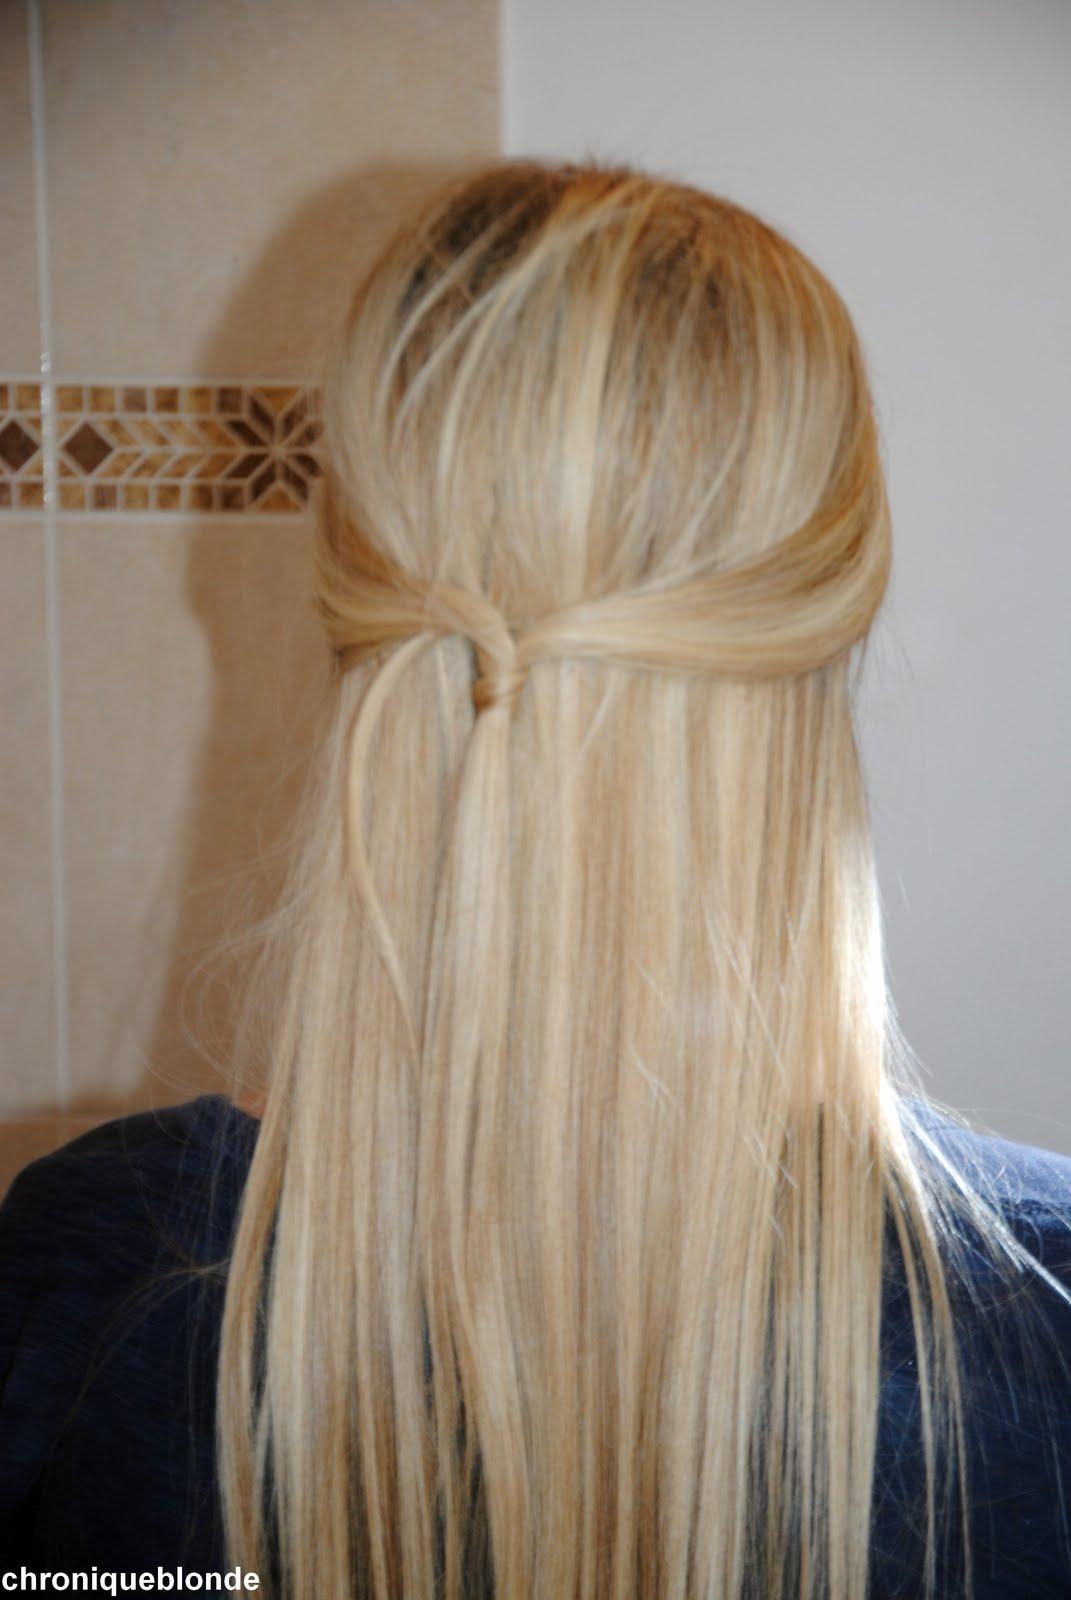 tuto coiffure les cheveux nou s la bardot les chroniques d 39 une blonde. Black Bedroom Furniture Sets. Home Design Ideas